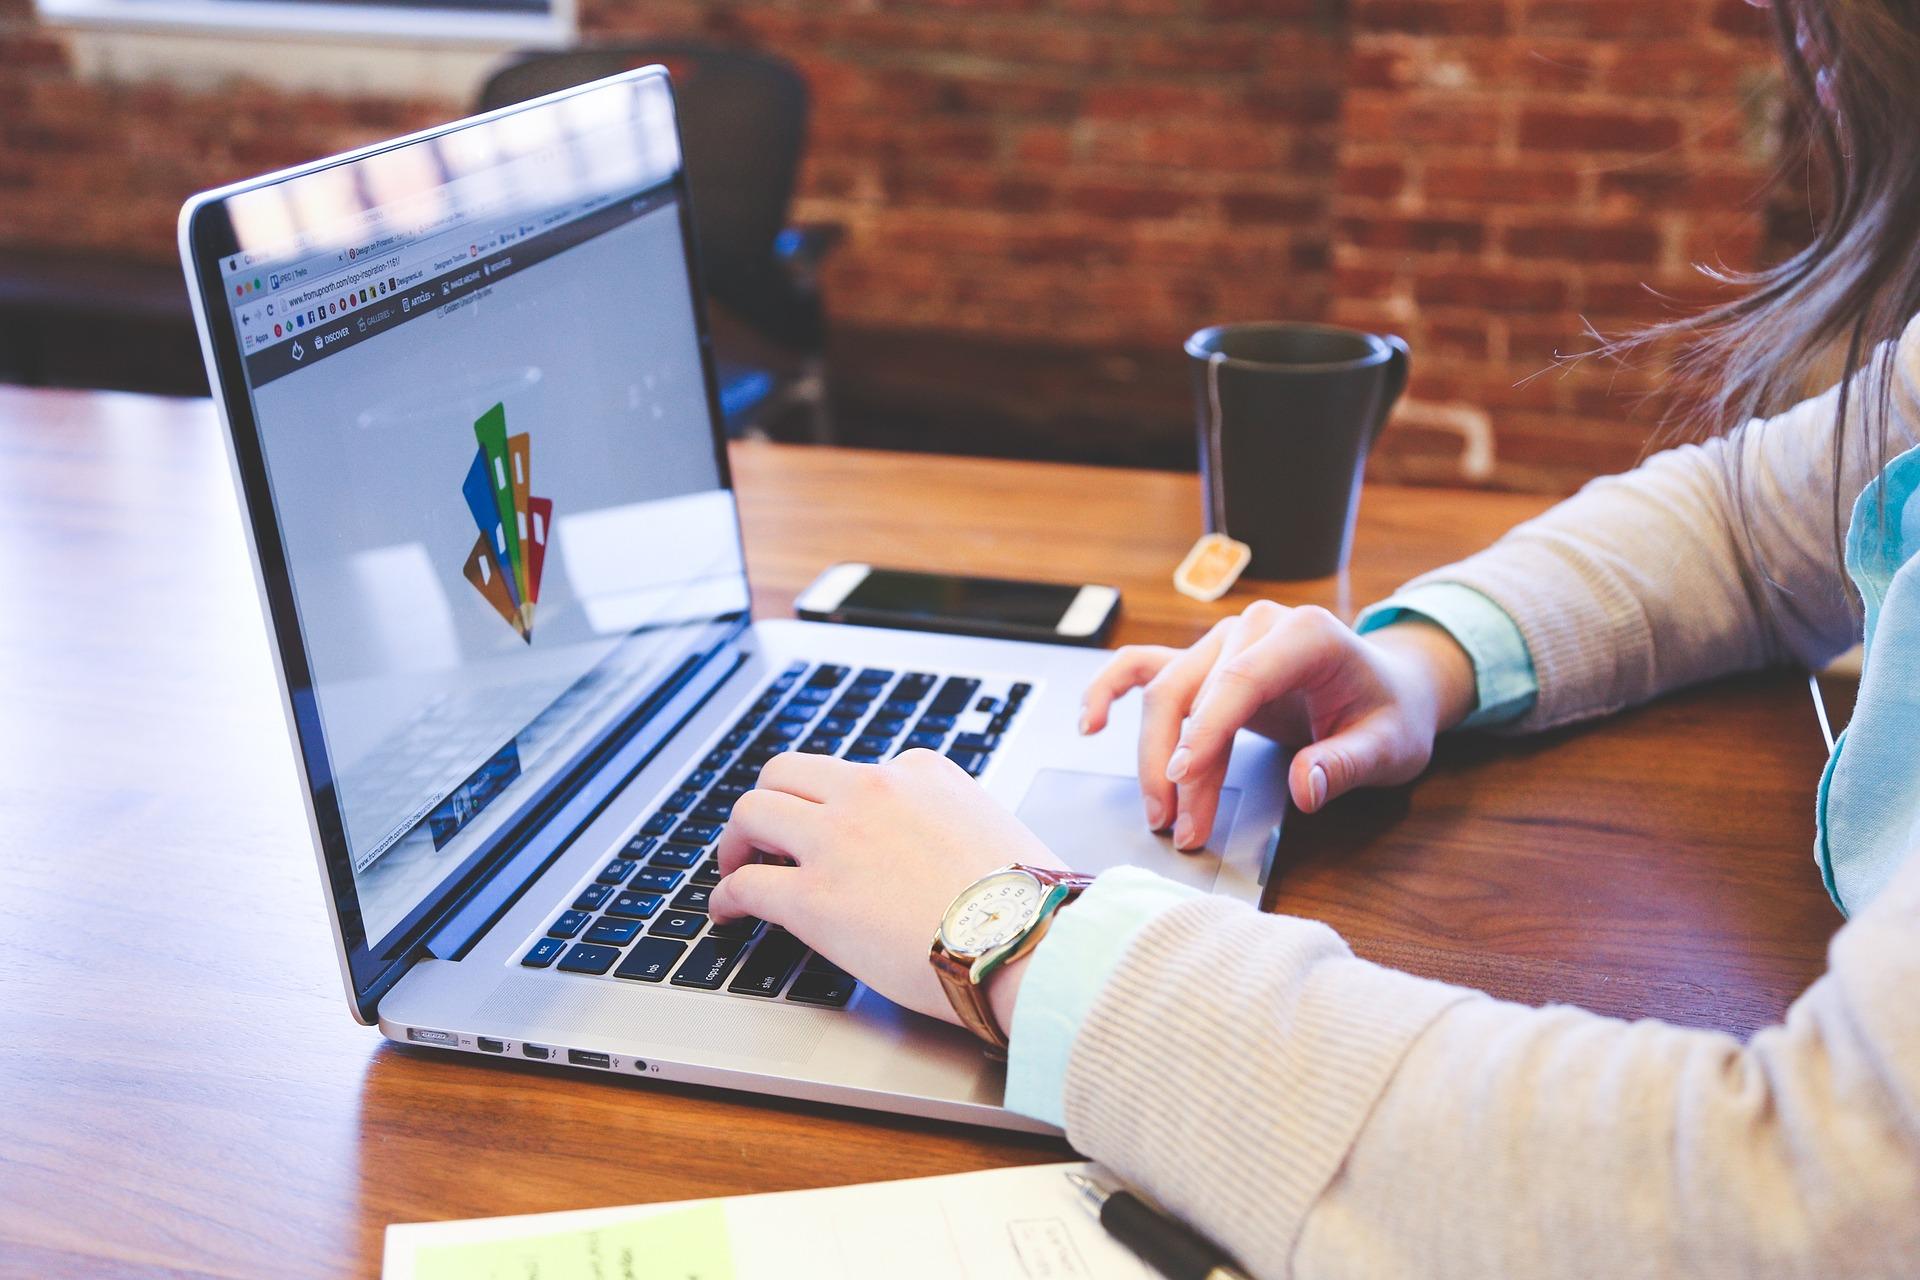 Україна отримала концепцію розвитку цифрової економіки до 2020 року